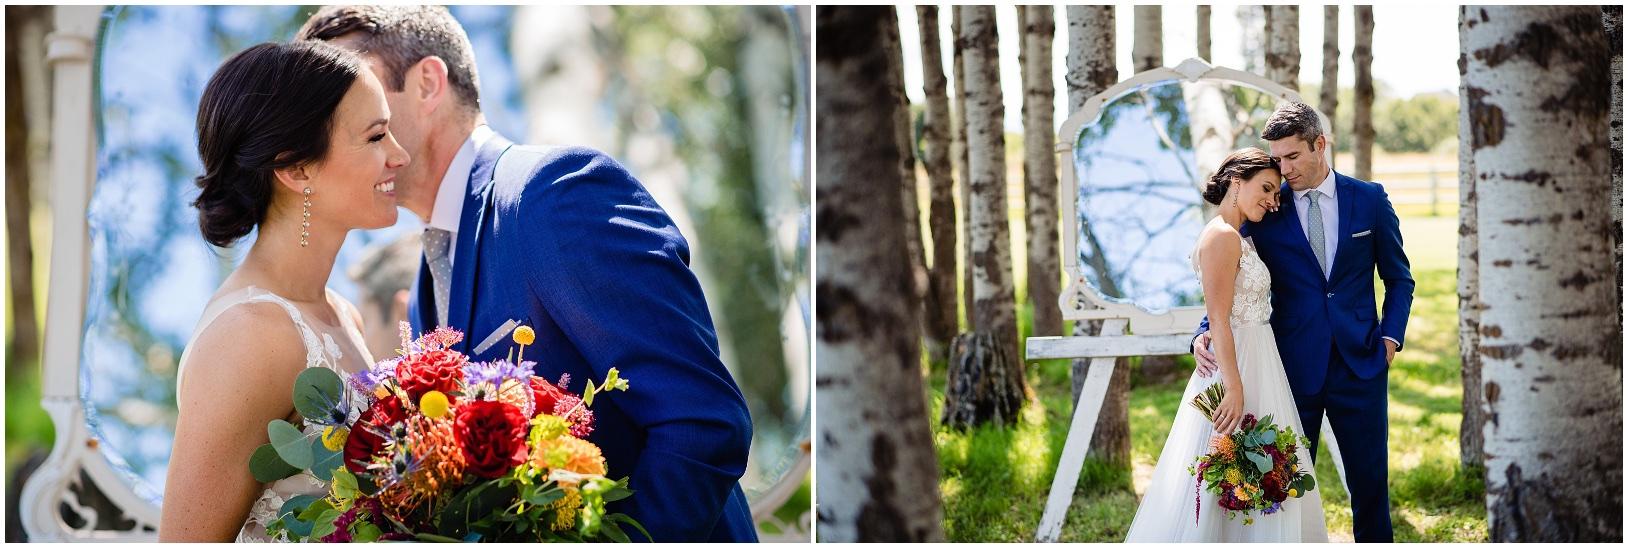 lindseyjane_weddings0046.jpg